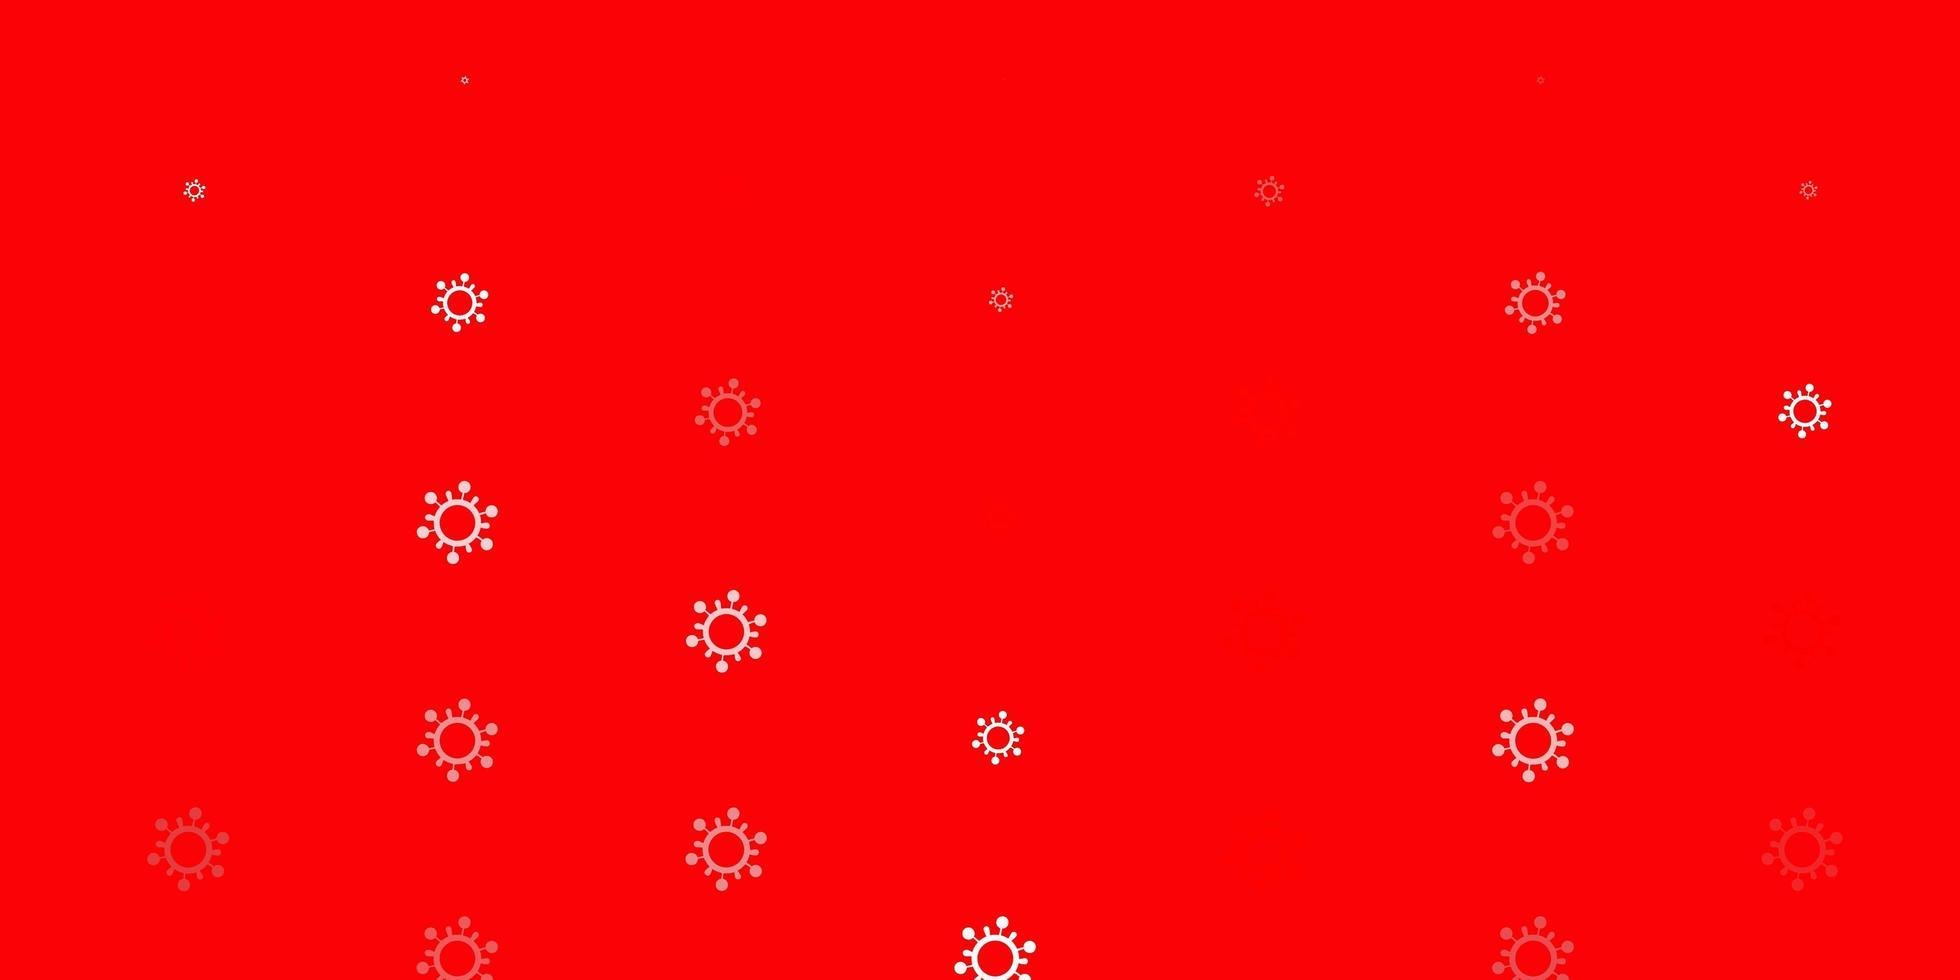 textura vector vermelho claro com símbolos de doença.